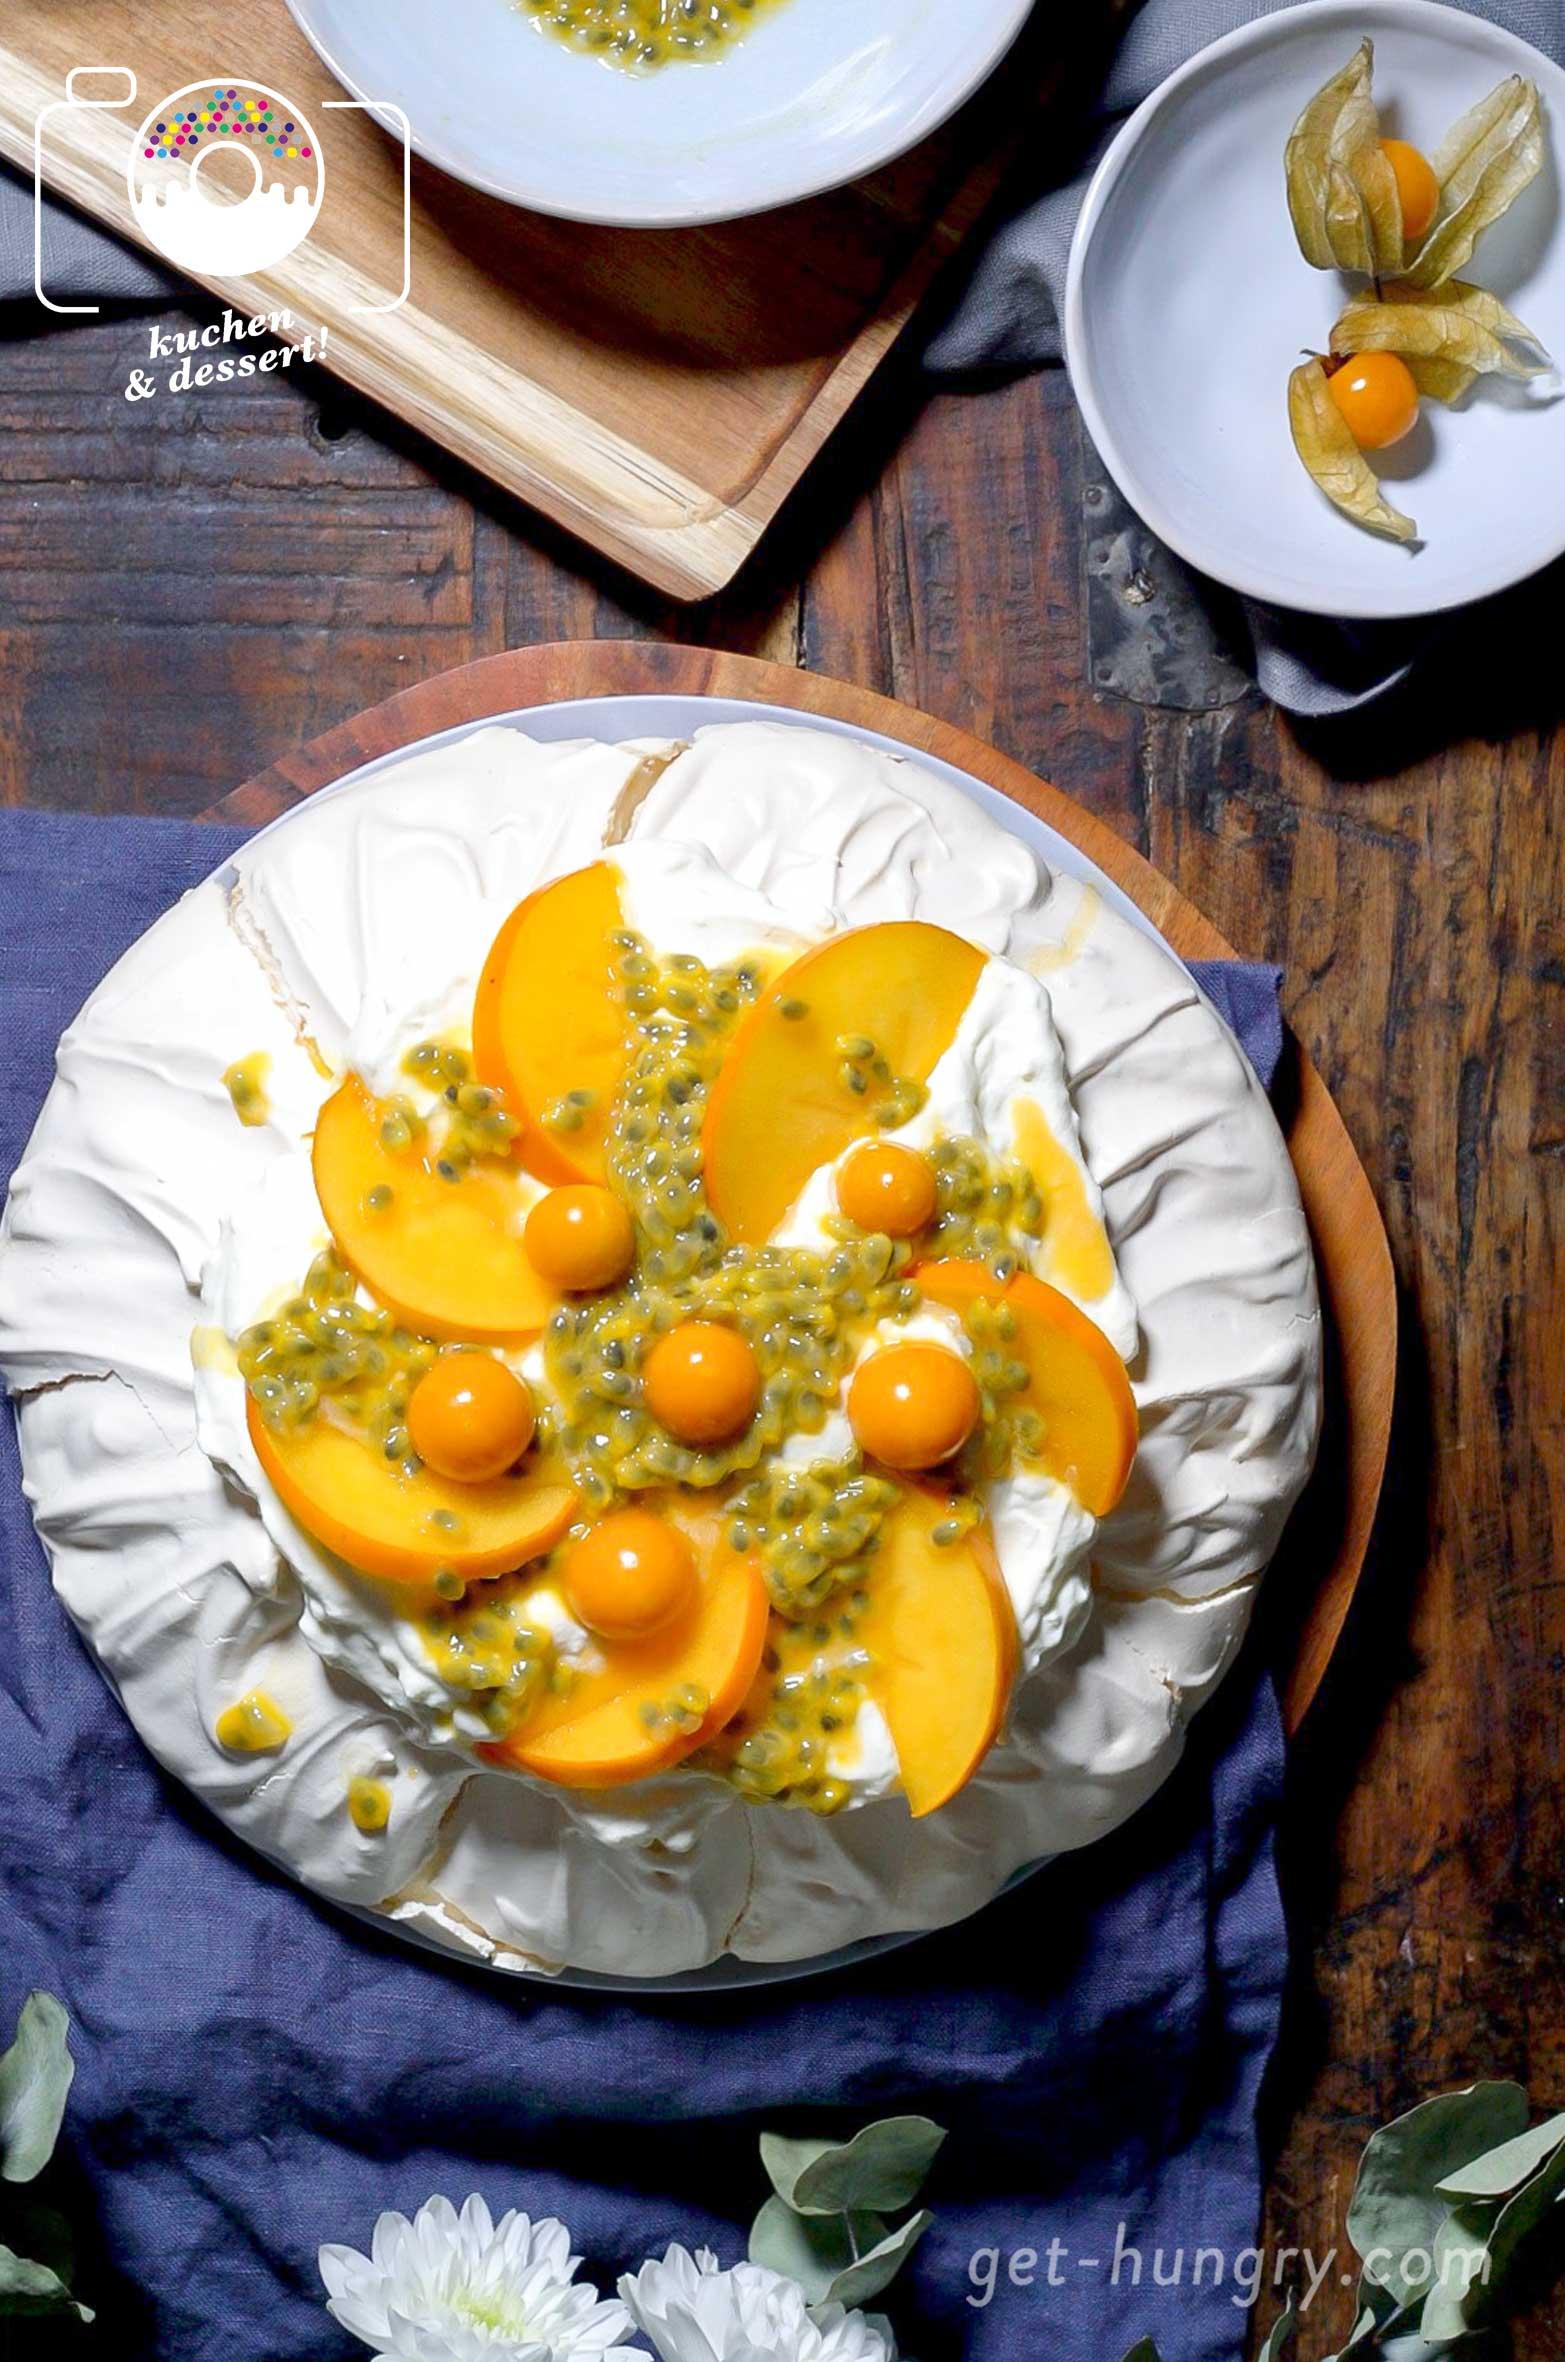 Die Pavlowa oder Pavlova - Einfach perfekt für die kalte Jahreszeit und somit als Dessert für Weihnachten oder auch Silvester bestens geeignet.